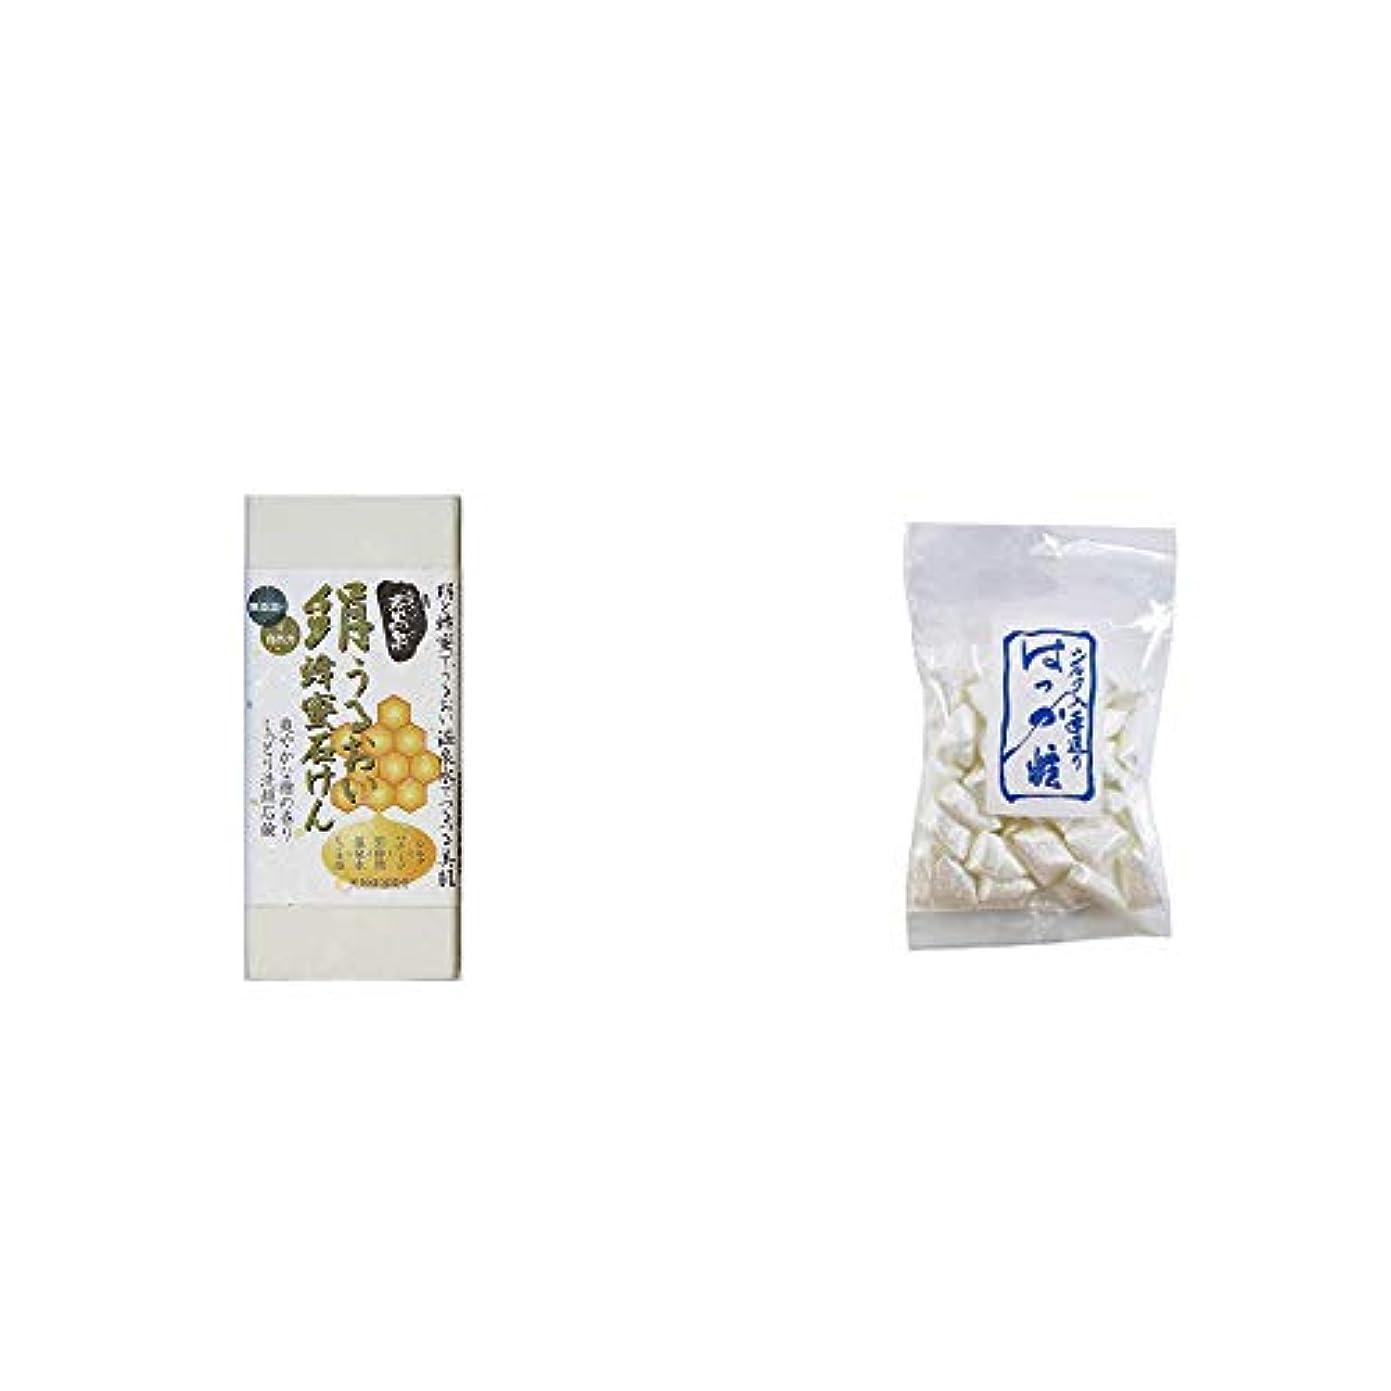 最小化する共産主義者薬理学[2点セット] ひのき炭黒泉 絹うるおい蜂蜜石けん(75g×2)?シルクはっか糖(150g)